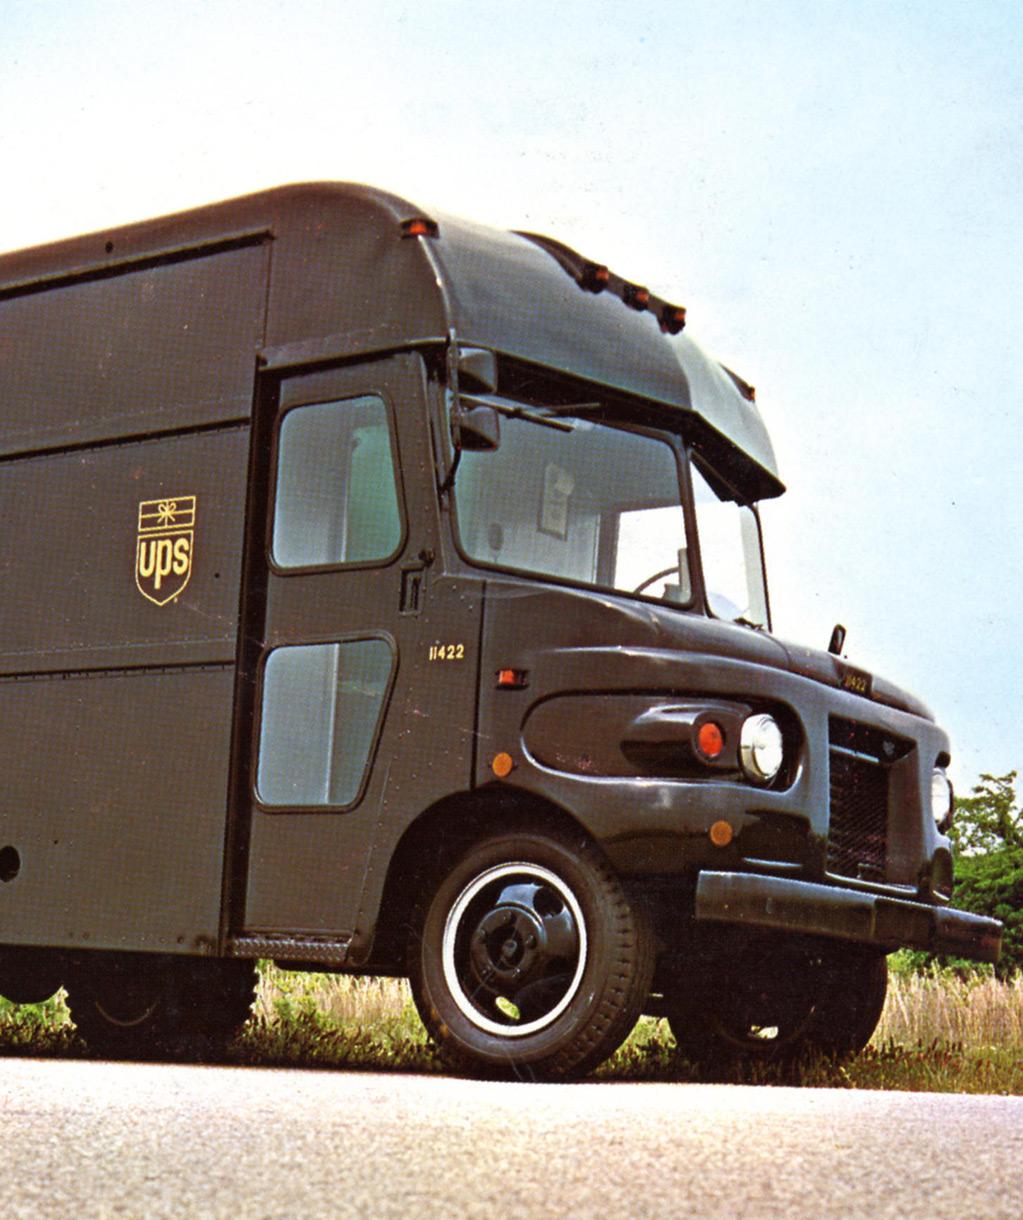 Camion de livraison UPS